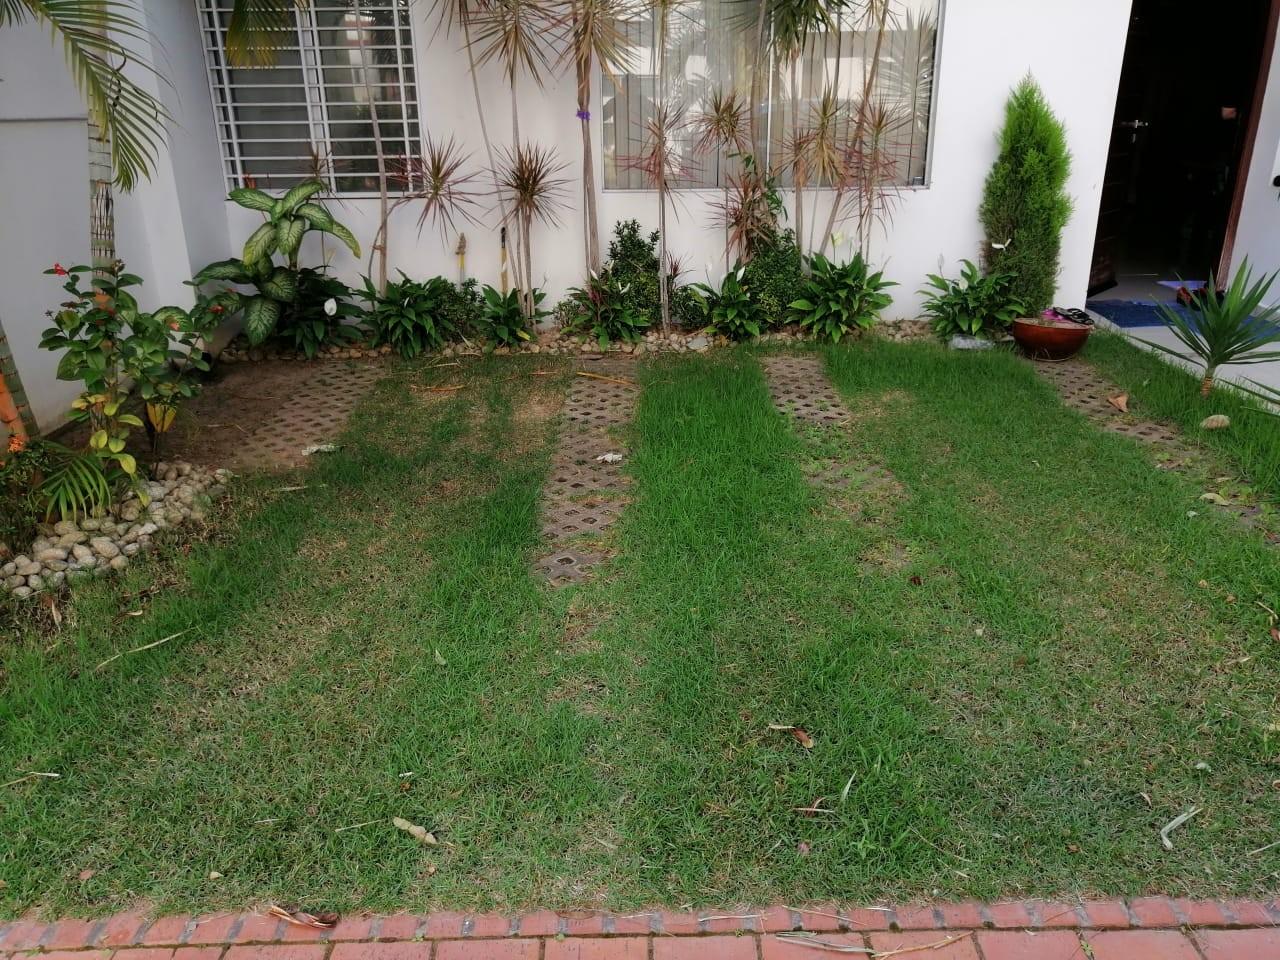 Casa en Venta Zona Av. Doble via a la Guardia 4to anillo  Foto 2